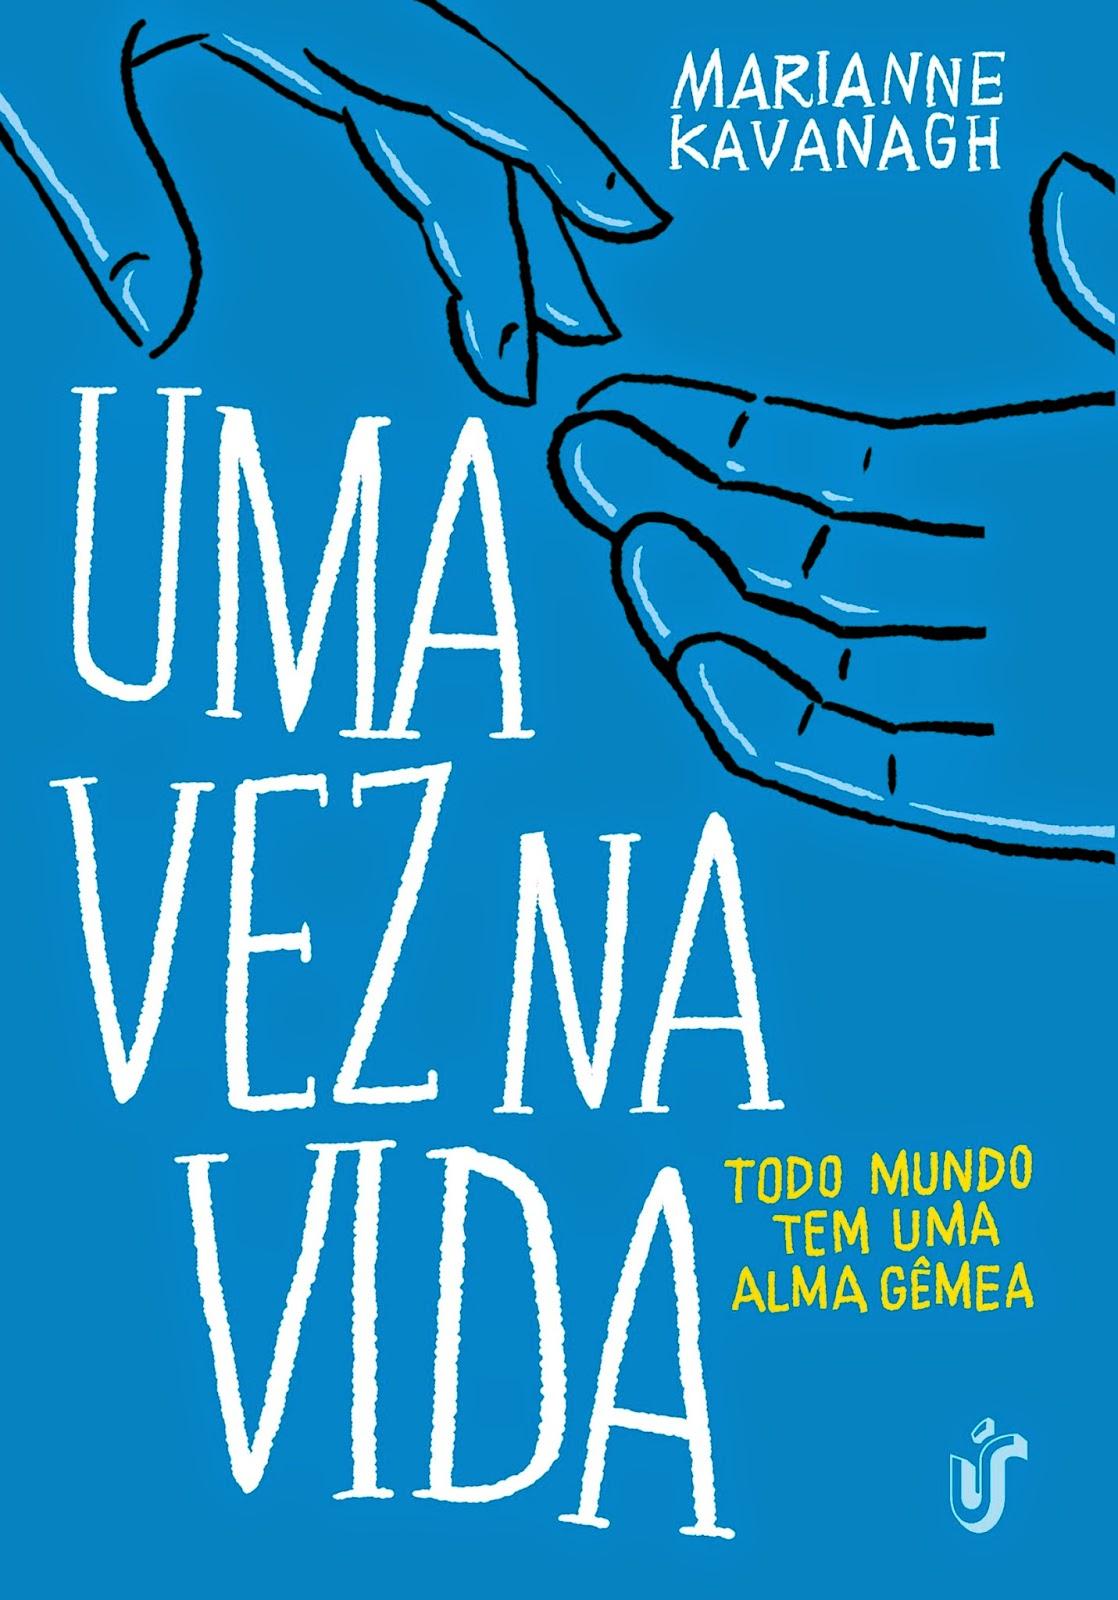 http://www.editoragente.com.br/livro/271/uma-vez-na-vida